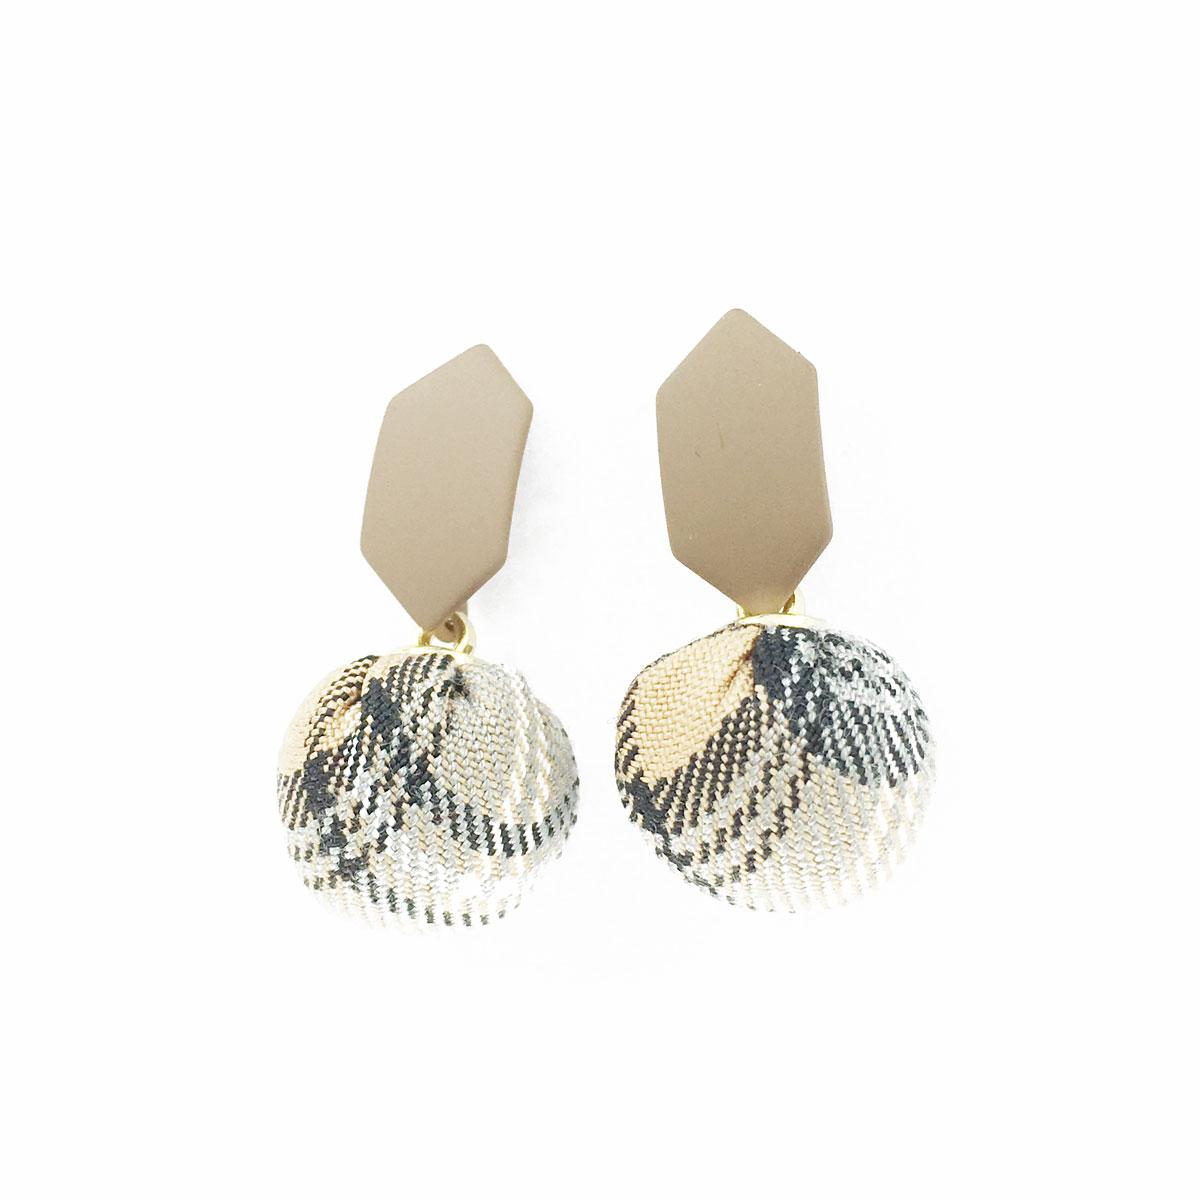 韓國 925純銀 簡約 格子 球球 六角形 垂墜感 耳針式 耳環